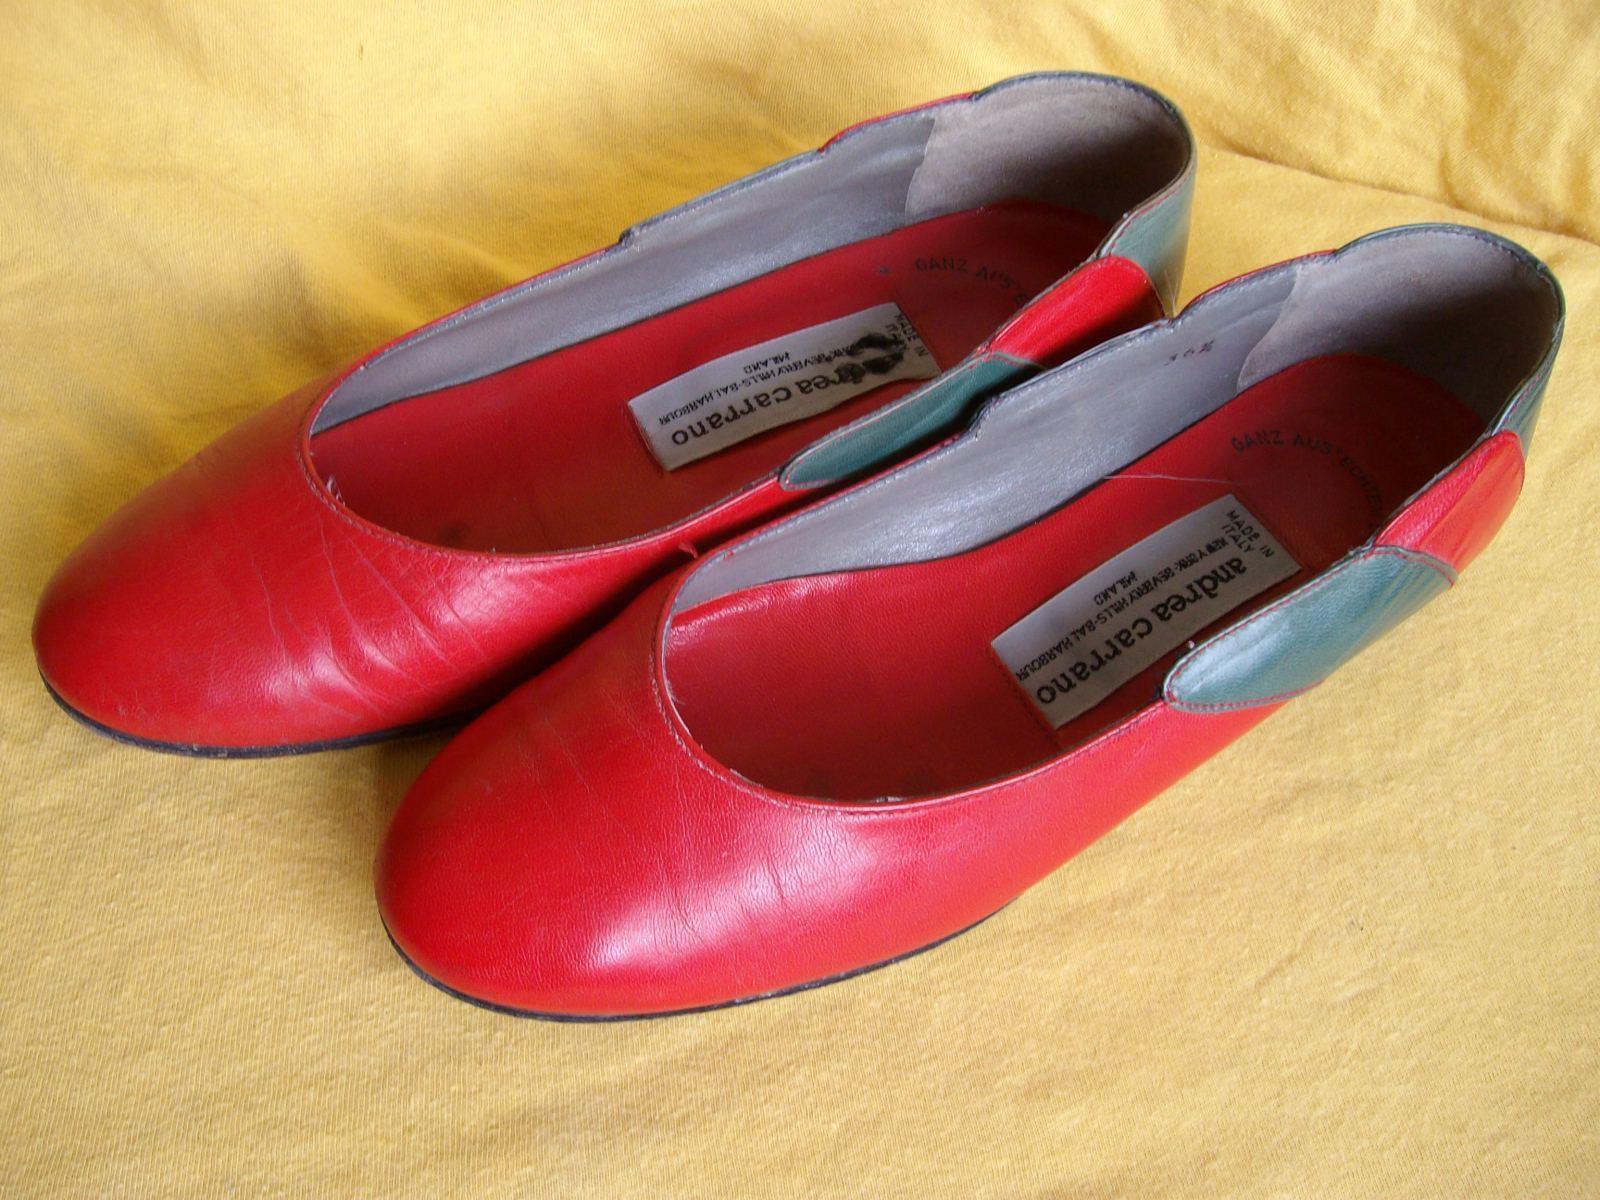 Damenschuhe - Pumps - Modell Andrea Carrano - Größe 36 1 2 - rot-grün